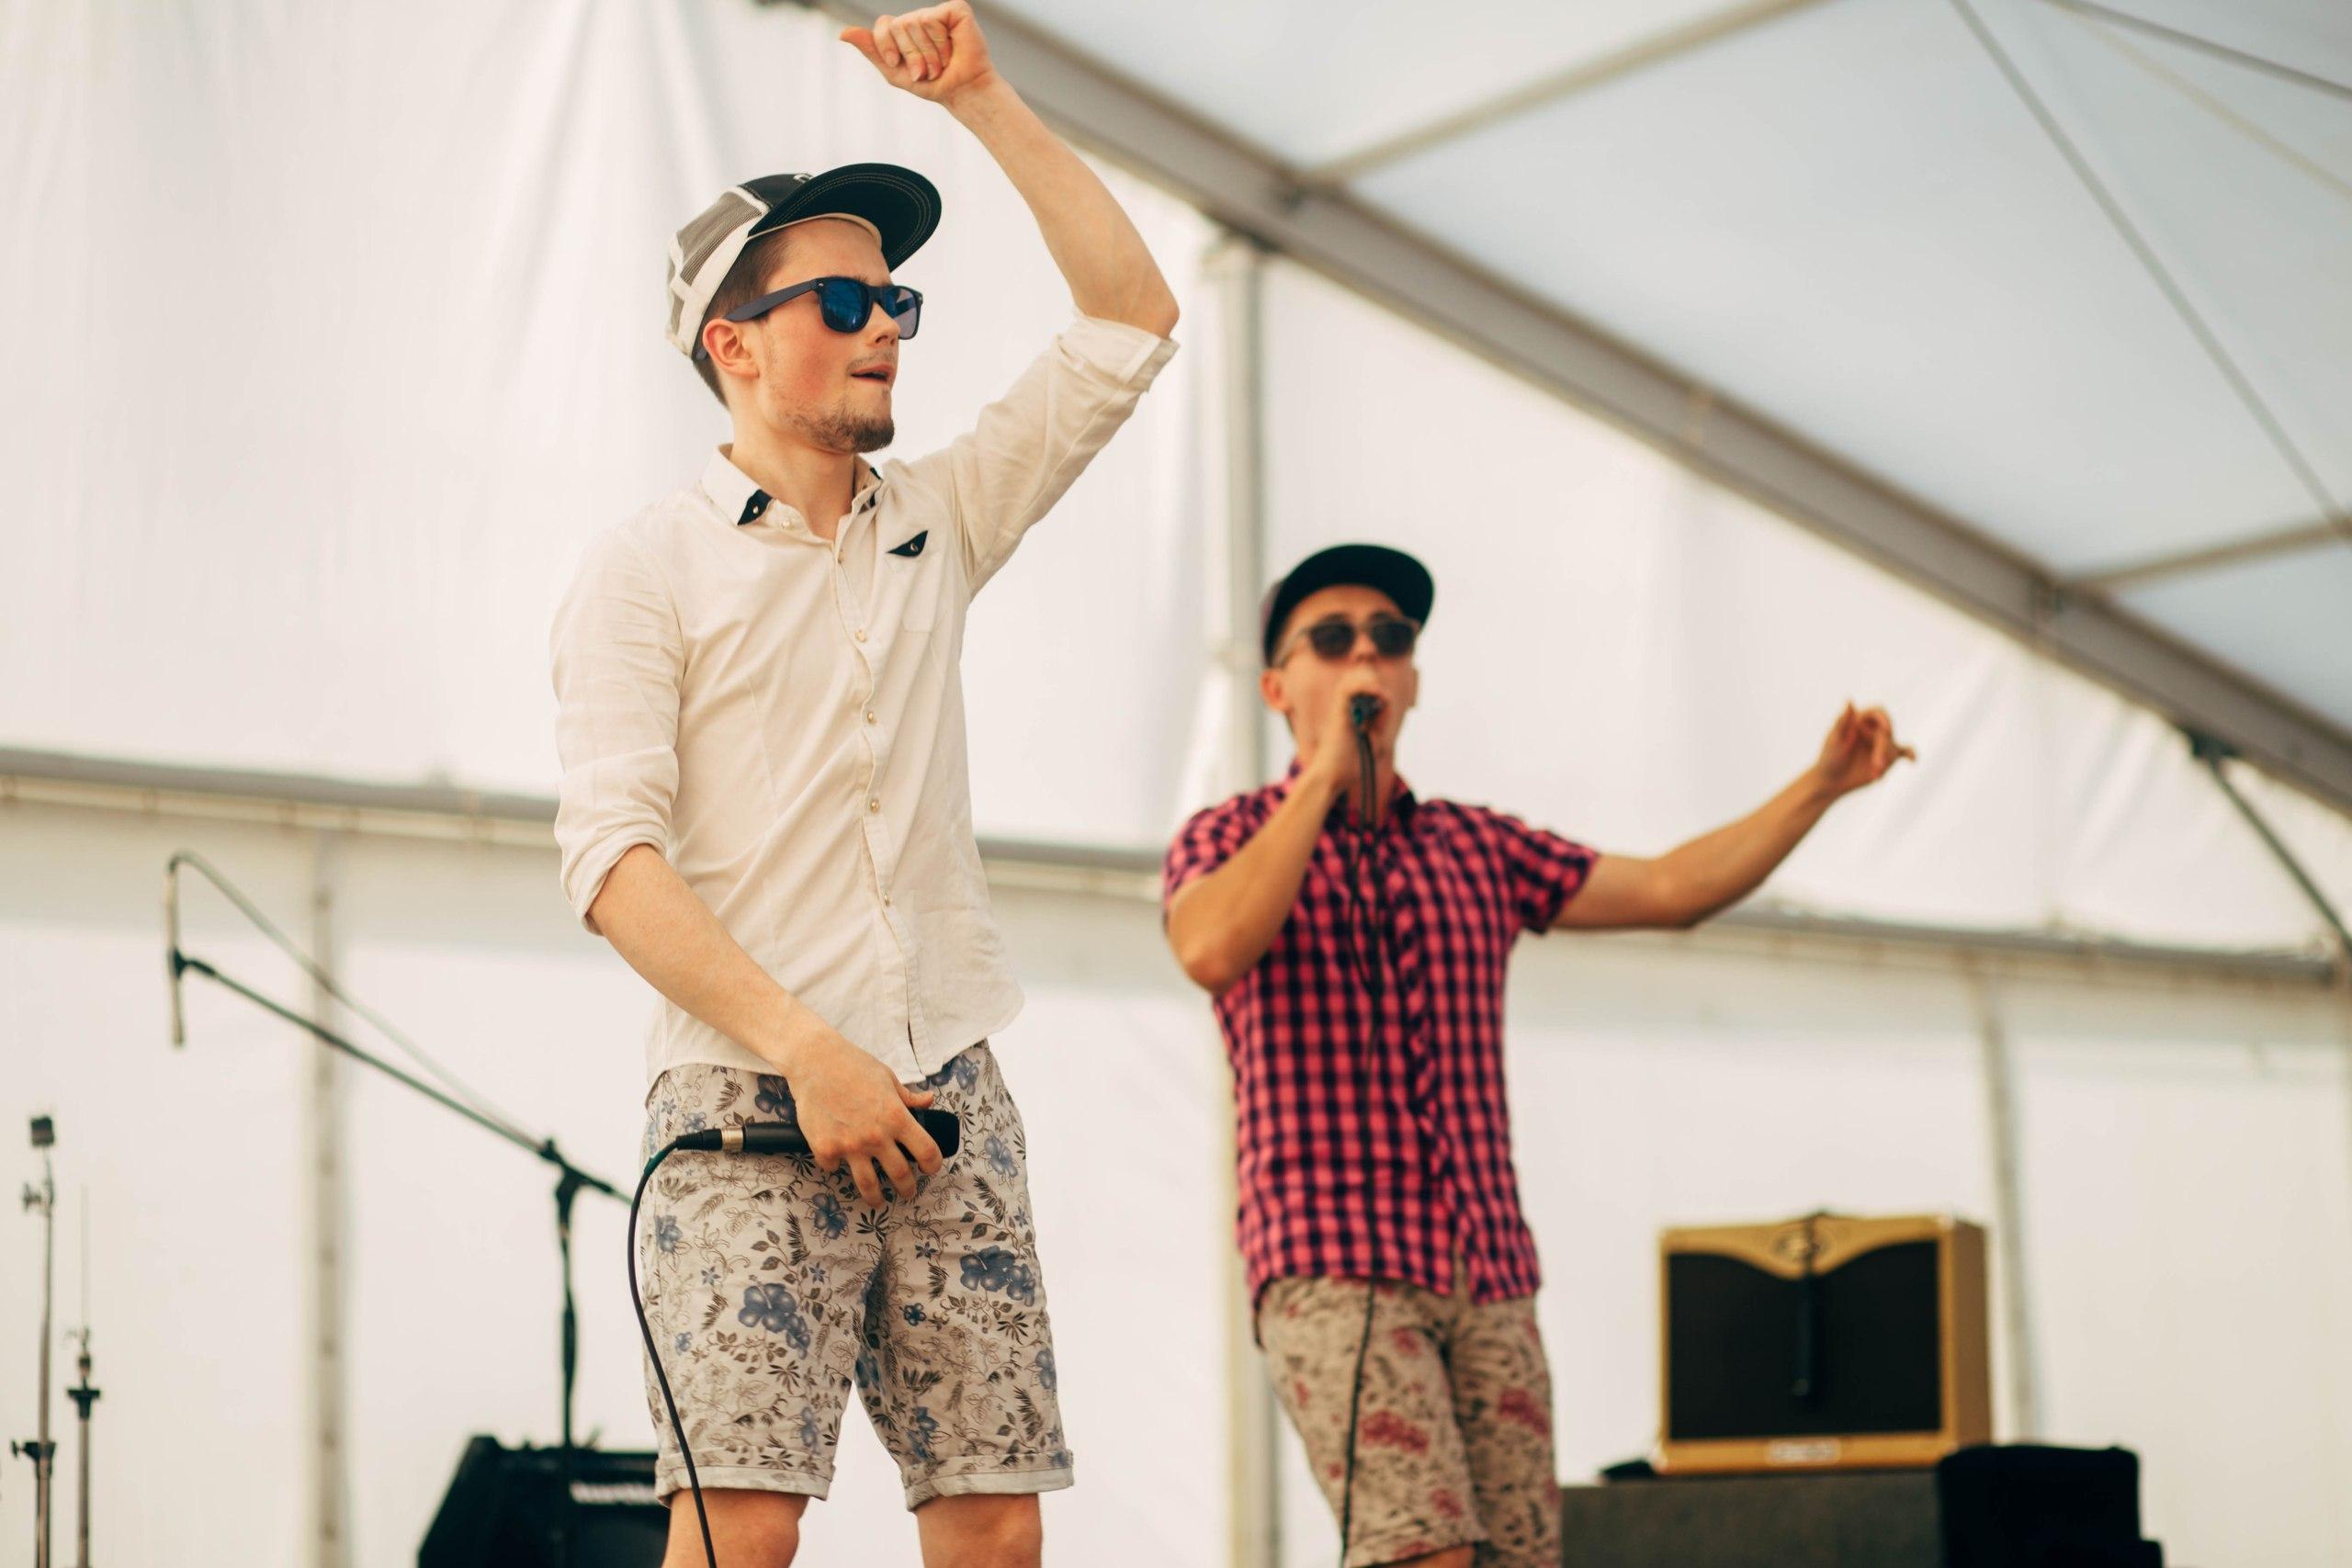 Музыкальный чемпионат «Музыка нашего города», 2015 год. Фото: vk.com